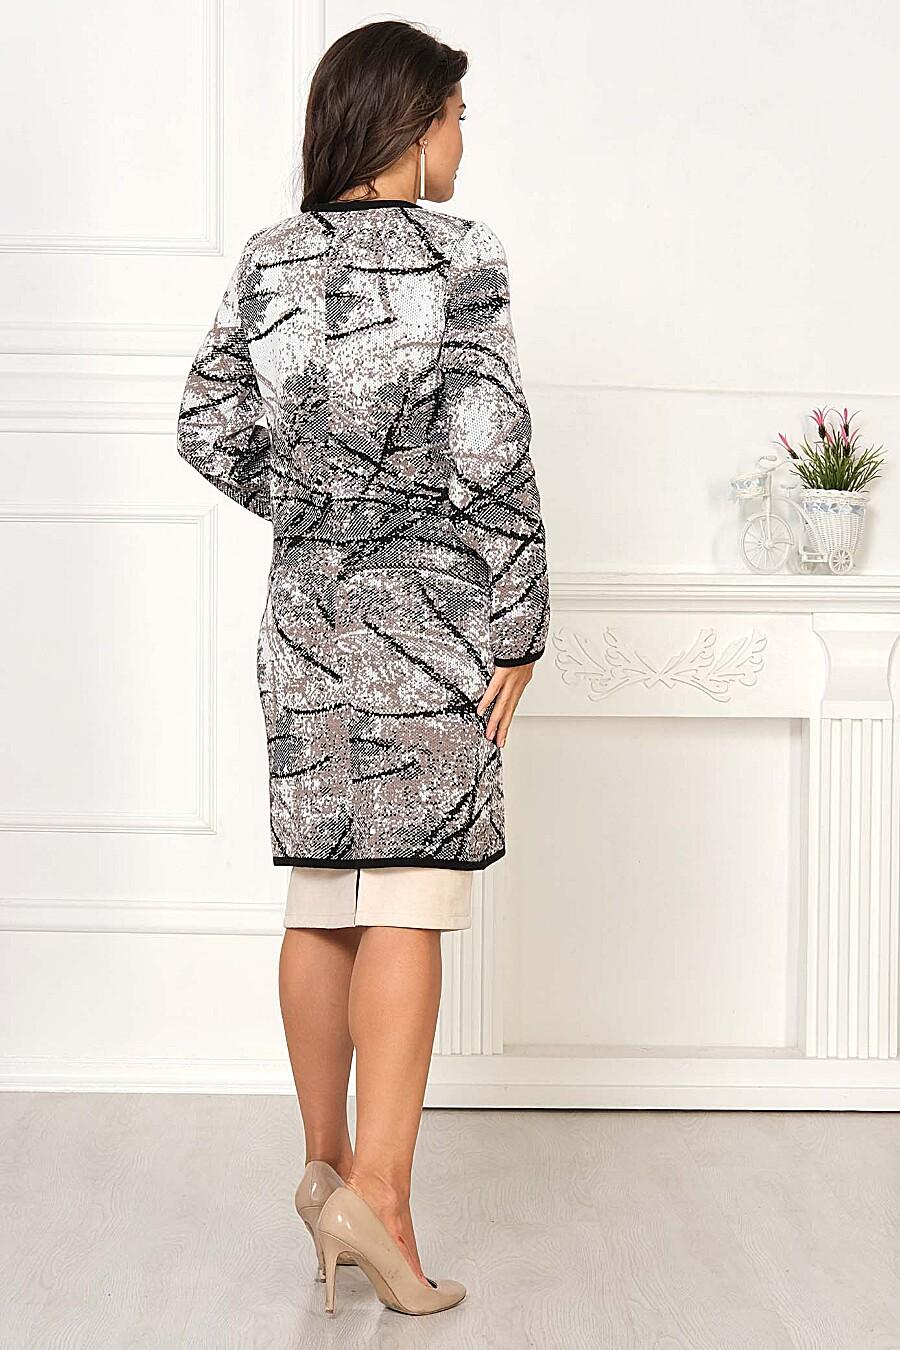 Кардиган для женщин ANKOLI 184395 купить оптом от производителя. Совместная покупка женской одежды в OptMoyo